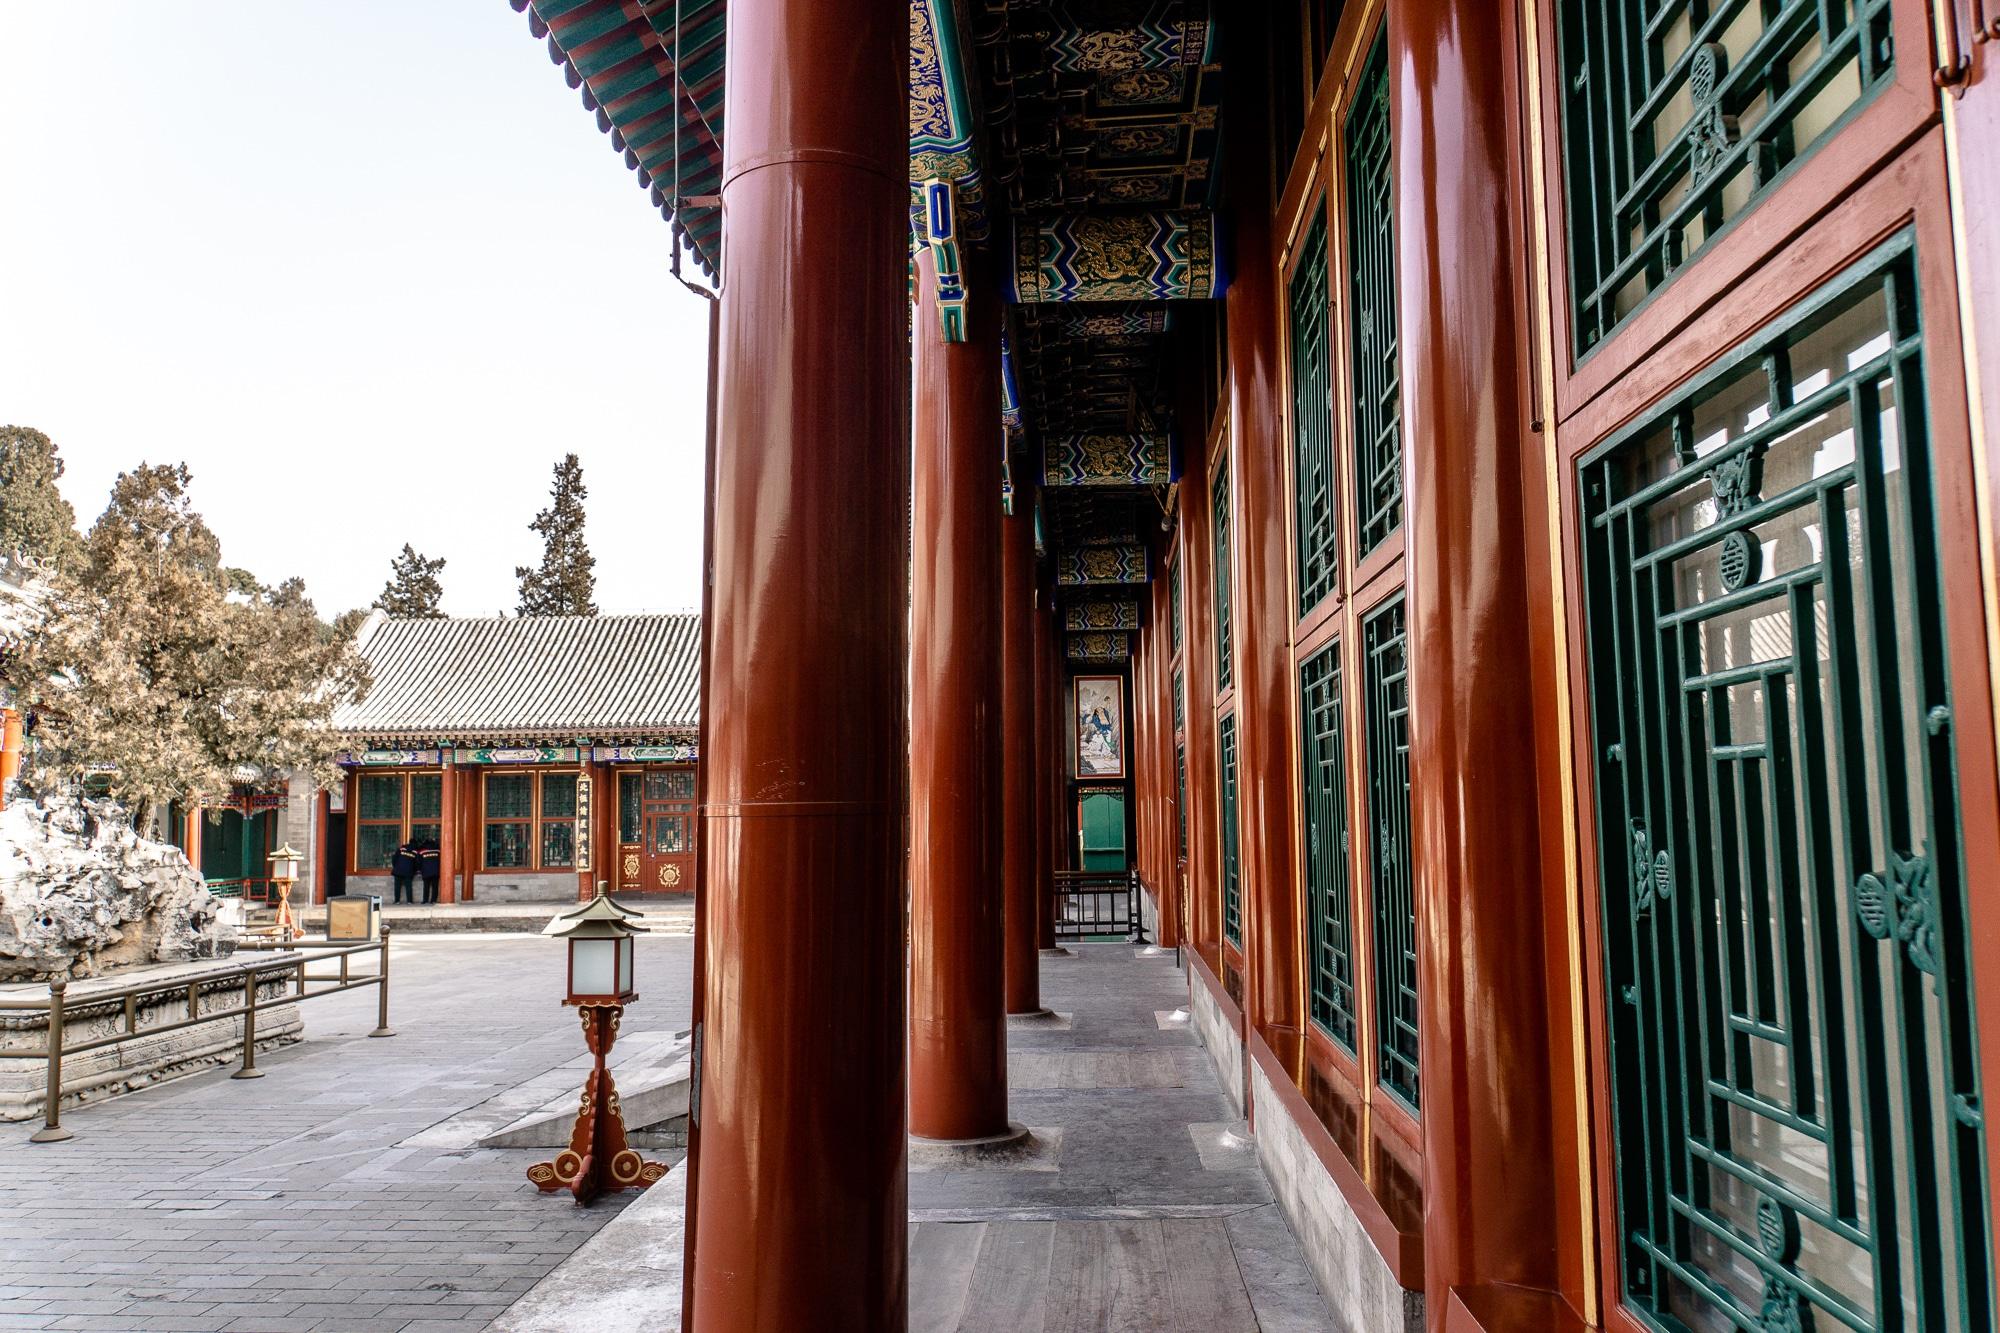 Sommerpalast in Peking: Die schönsten Sehenswürdigkeiten & Highlights - Halle der Freude und Langlebigkeit / Hall of Benevolence and Longevity